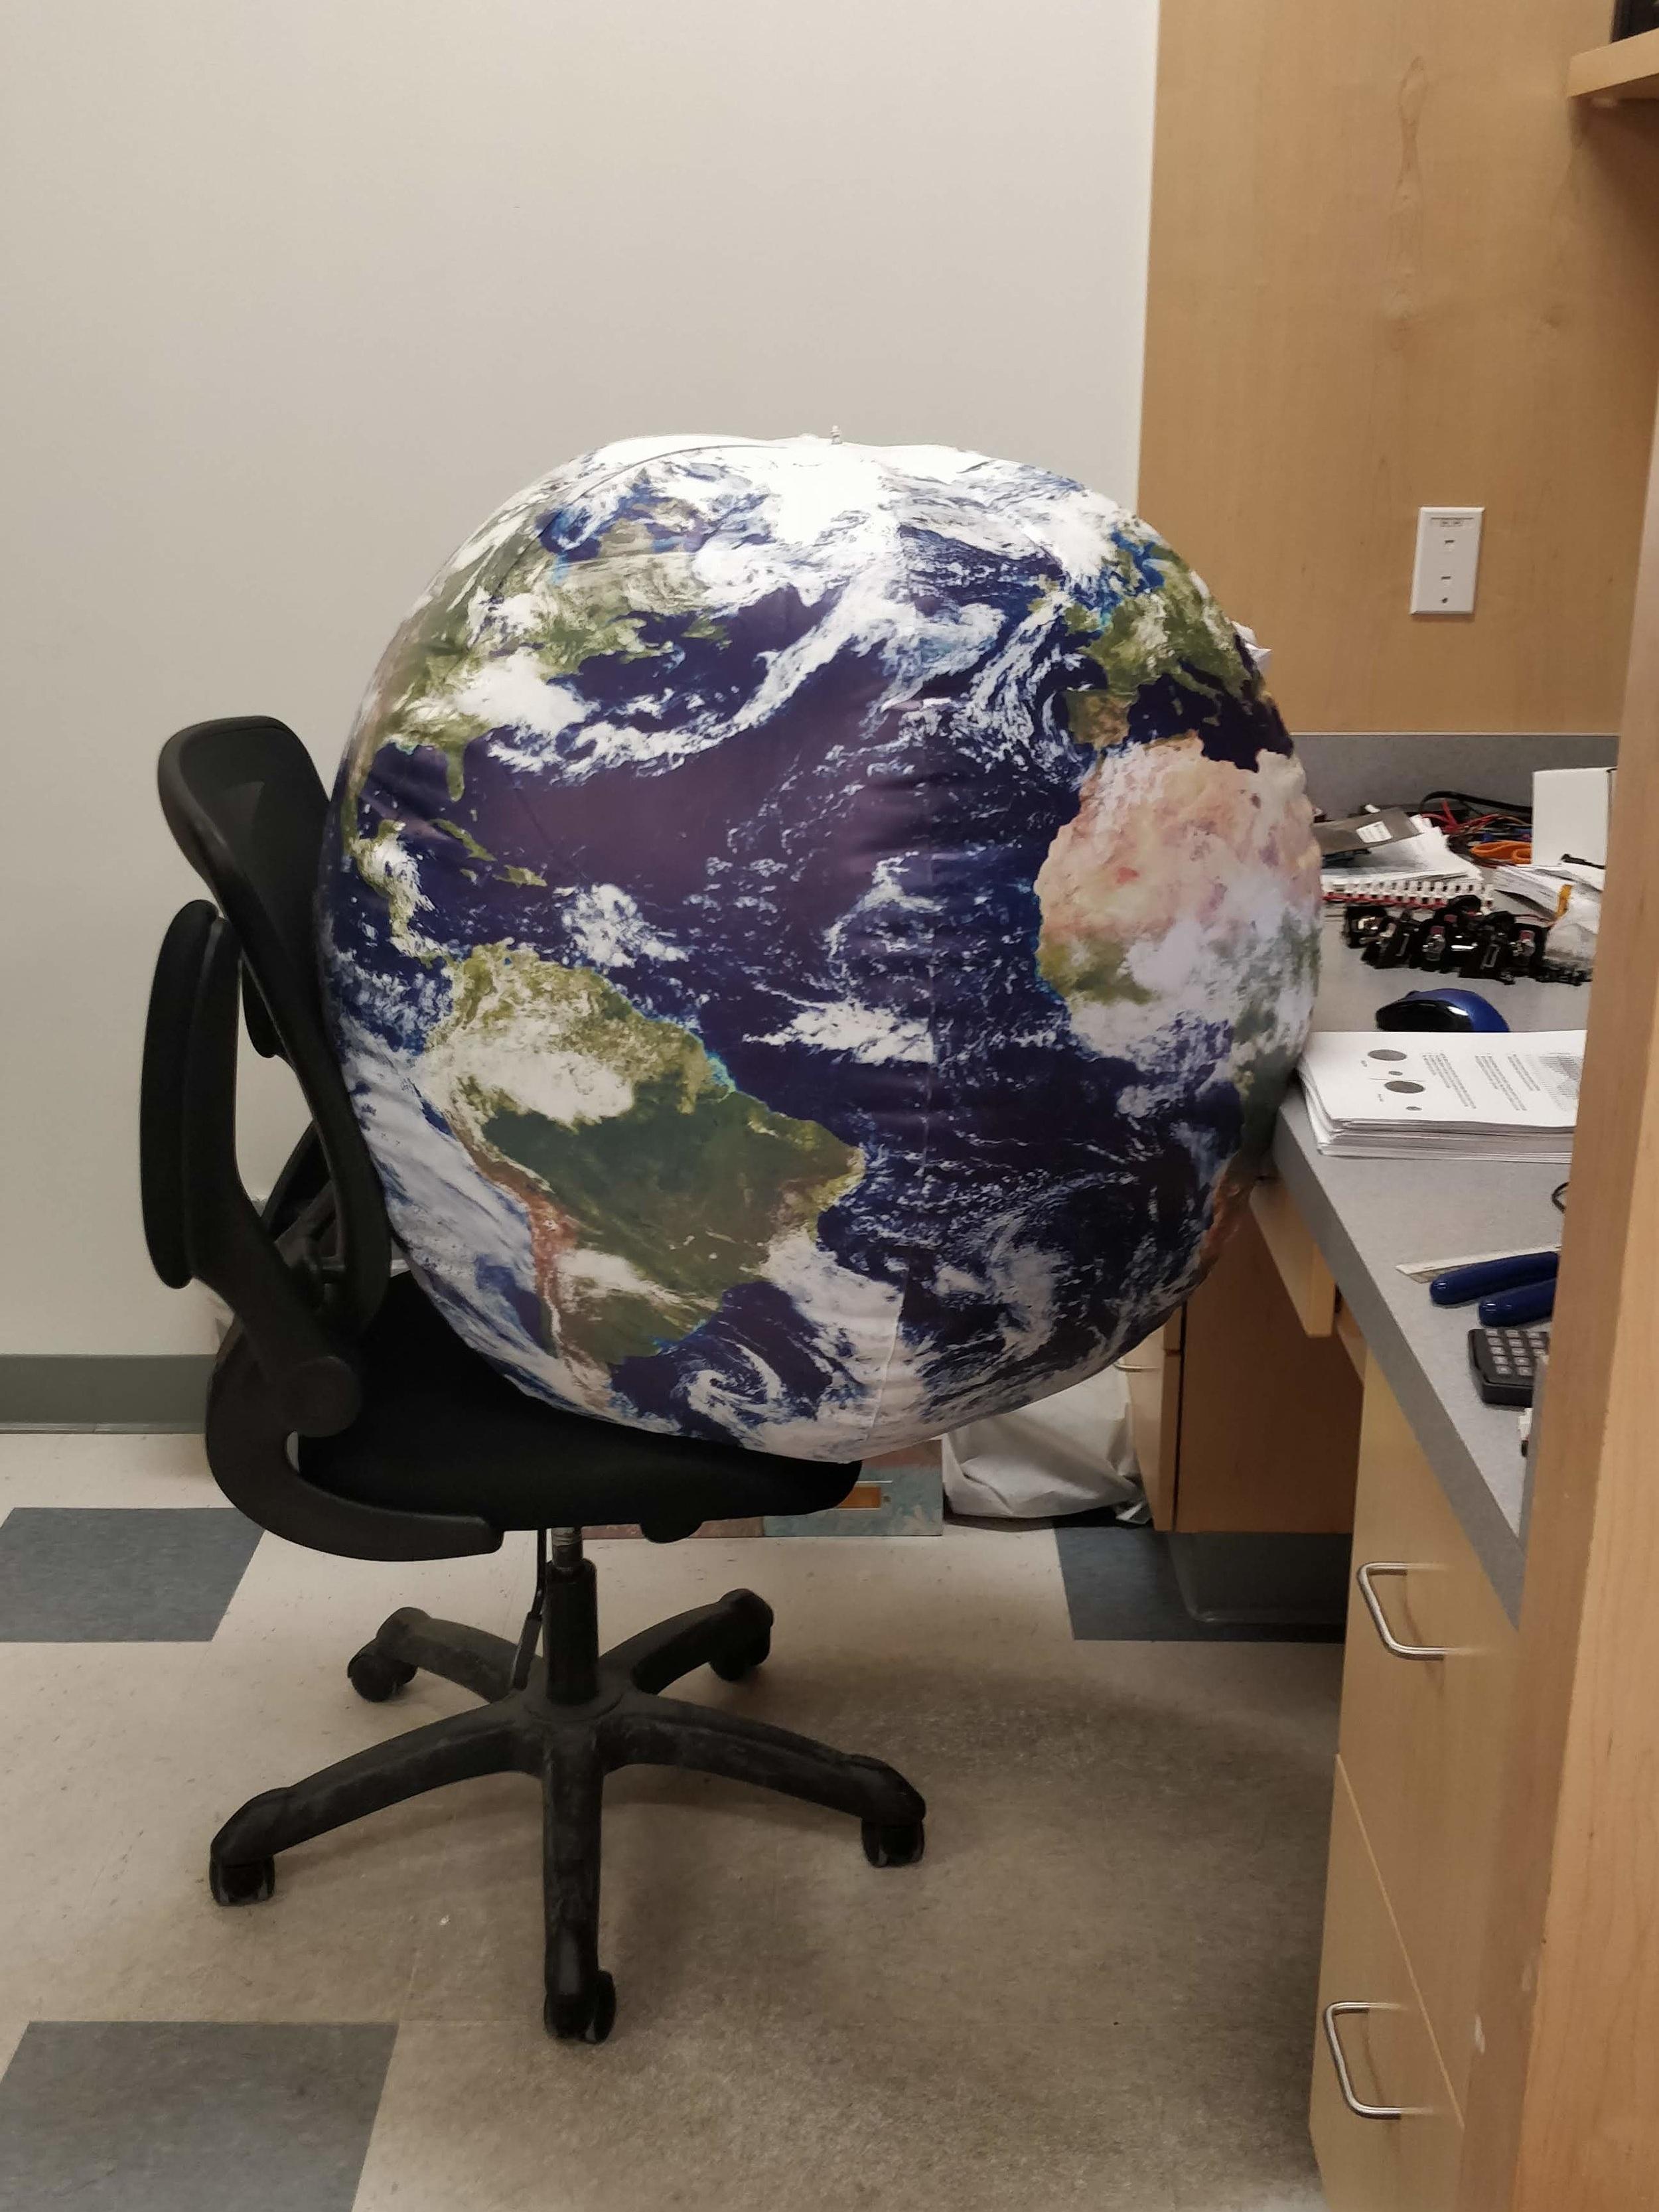 Mr. Earth working hard